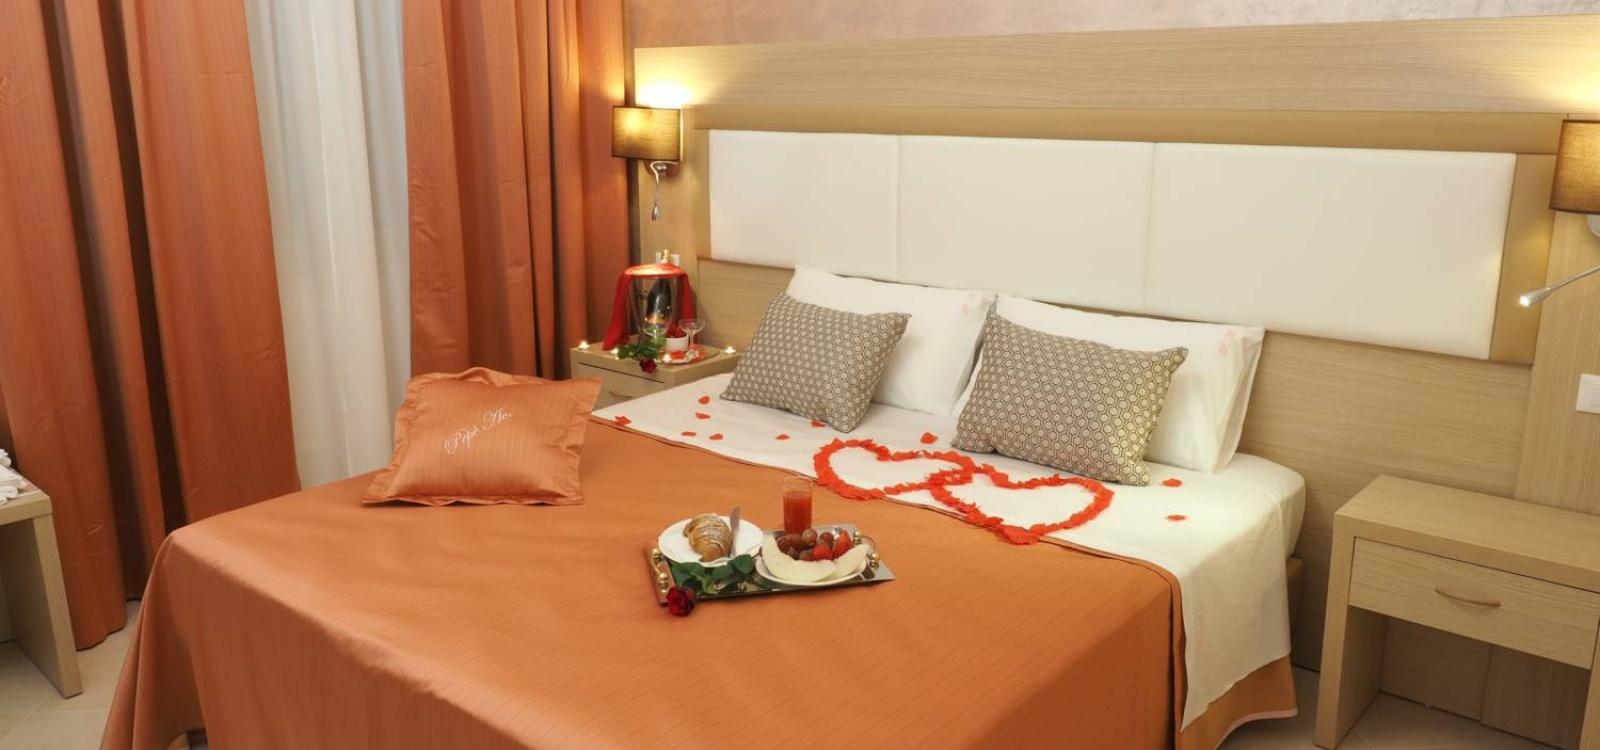 Bed and Breakfast, Affitto per vacanze, Via Giovanni Falcone, ID Struttura 1216, Parghelia, Vibo Valentia, Italy, 89861,